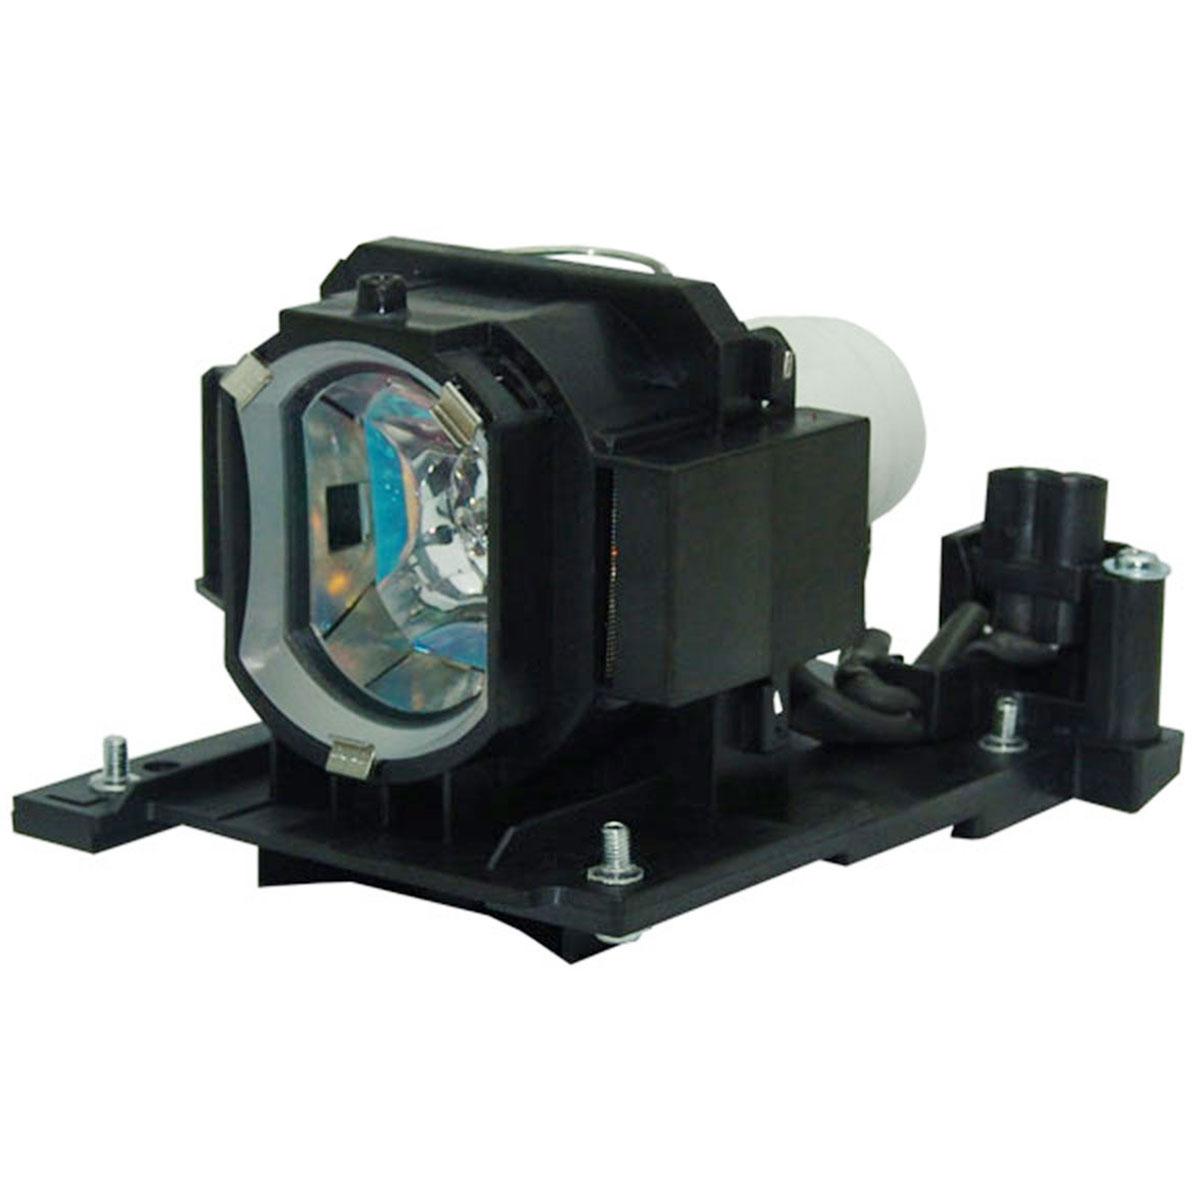 Hitachi DT01371 FP Lamp